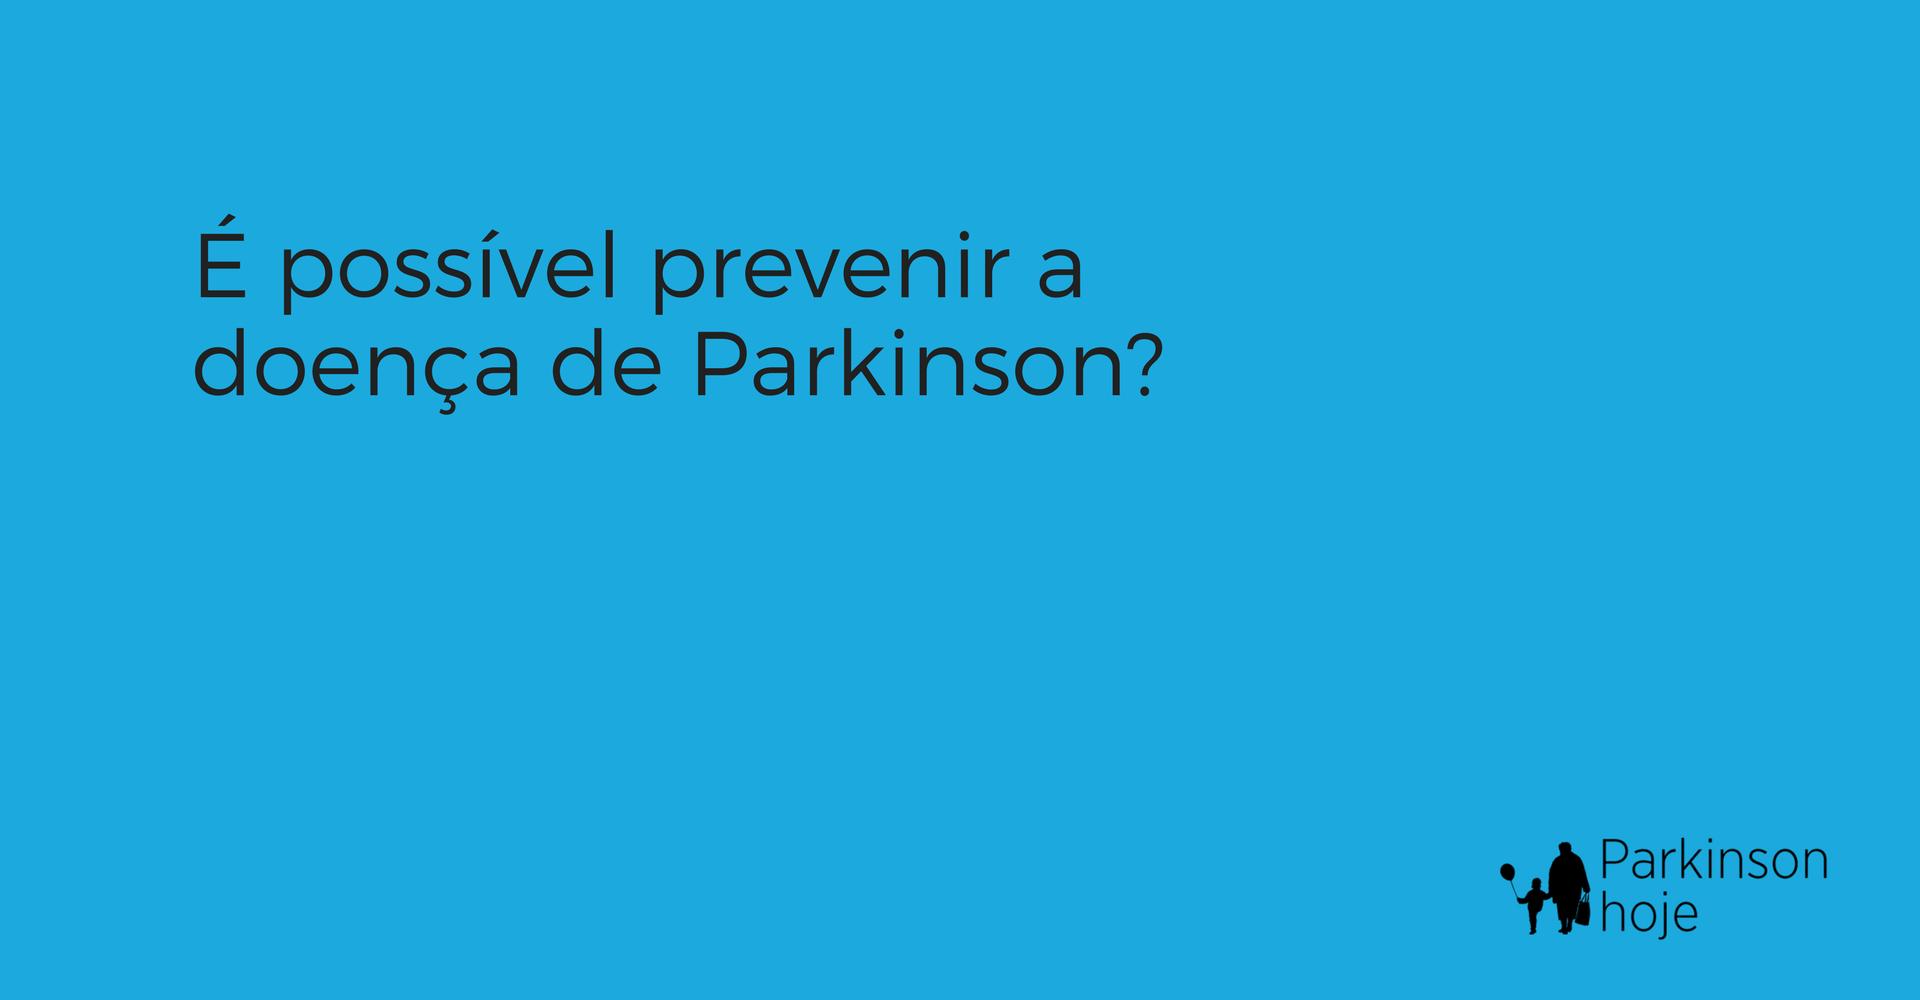 como prevenir e combater a doença de Parkinson